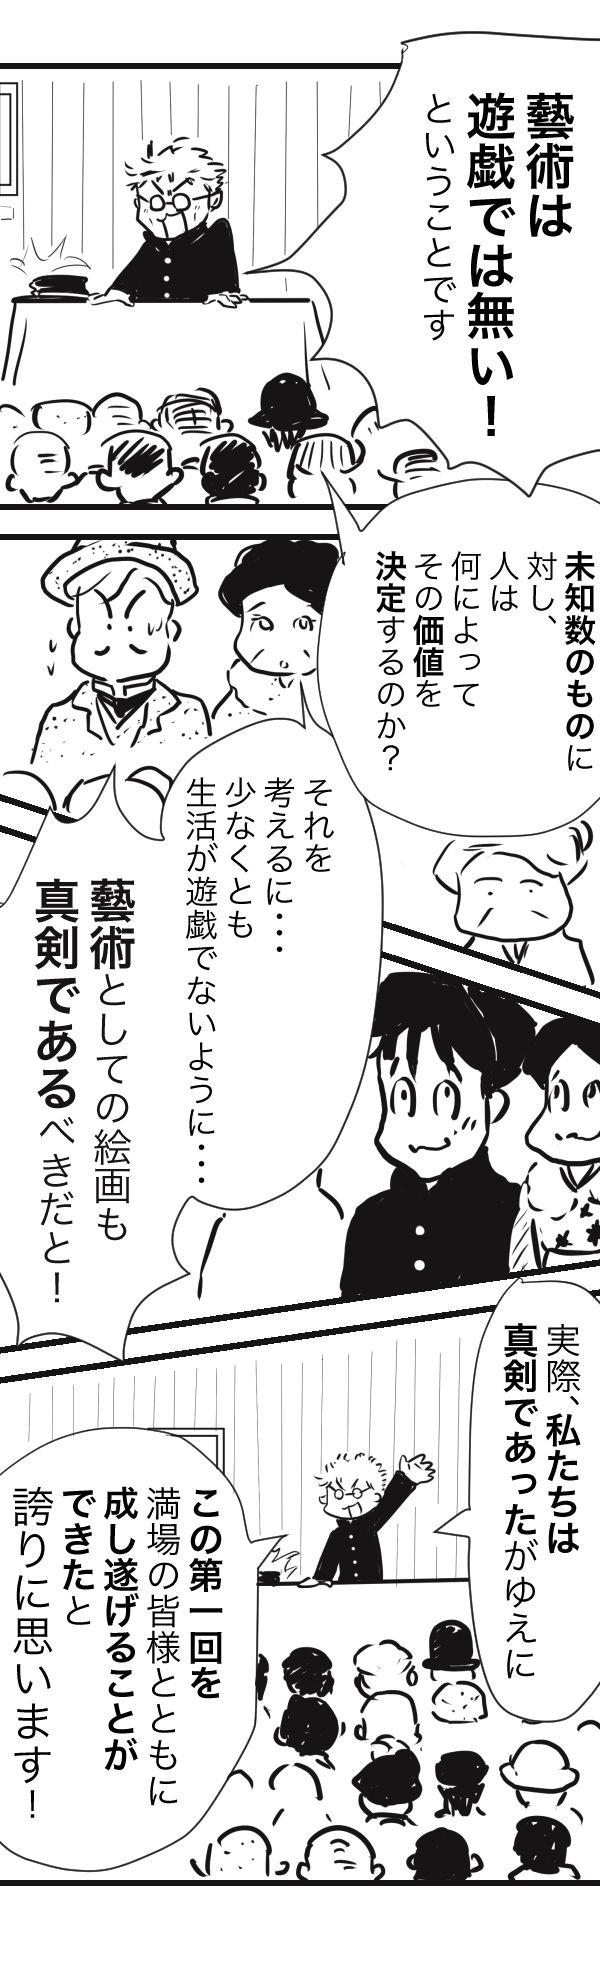 山田 金沢10−3−4